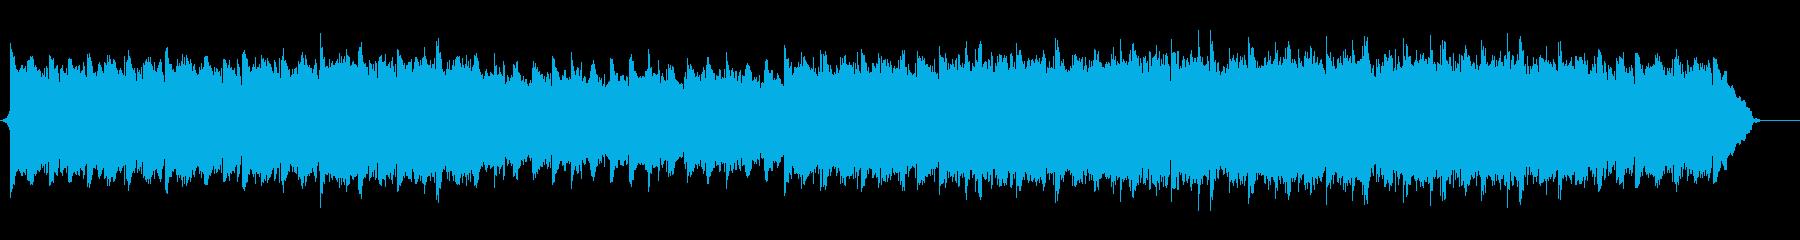 【リズム抜き】爽やかなアップリフティングの再生済みの波形